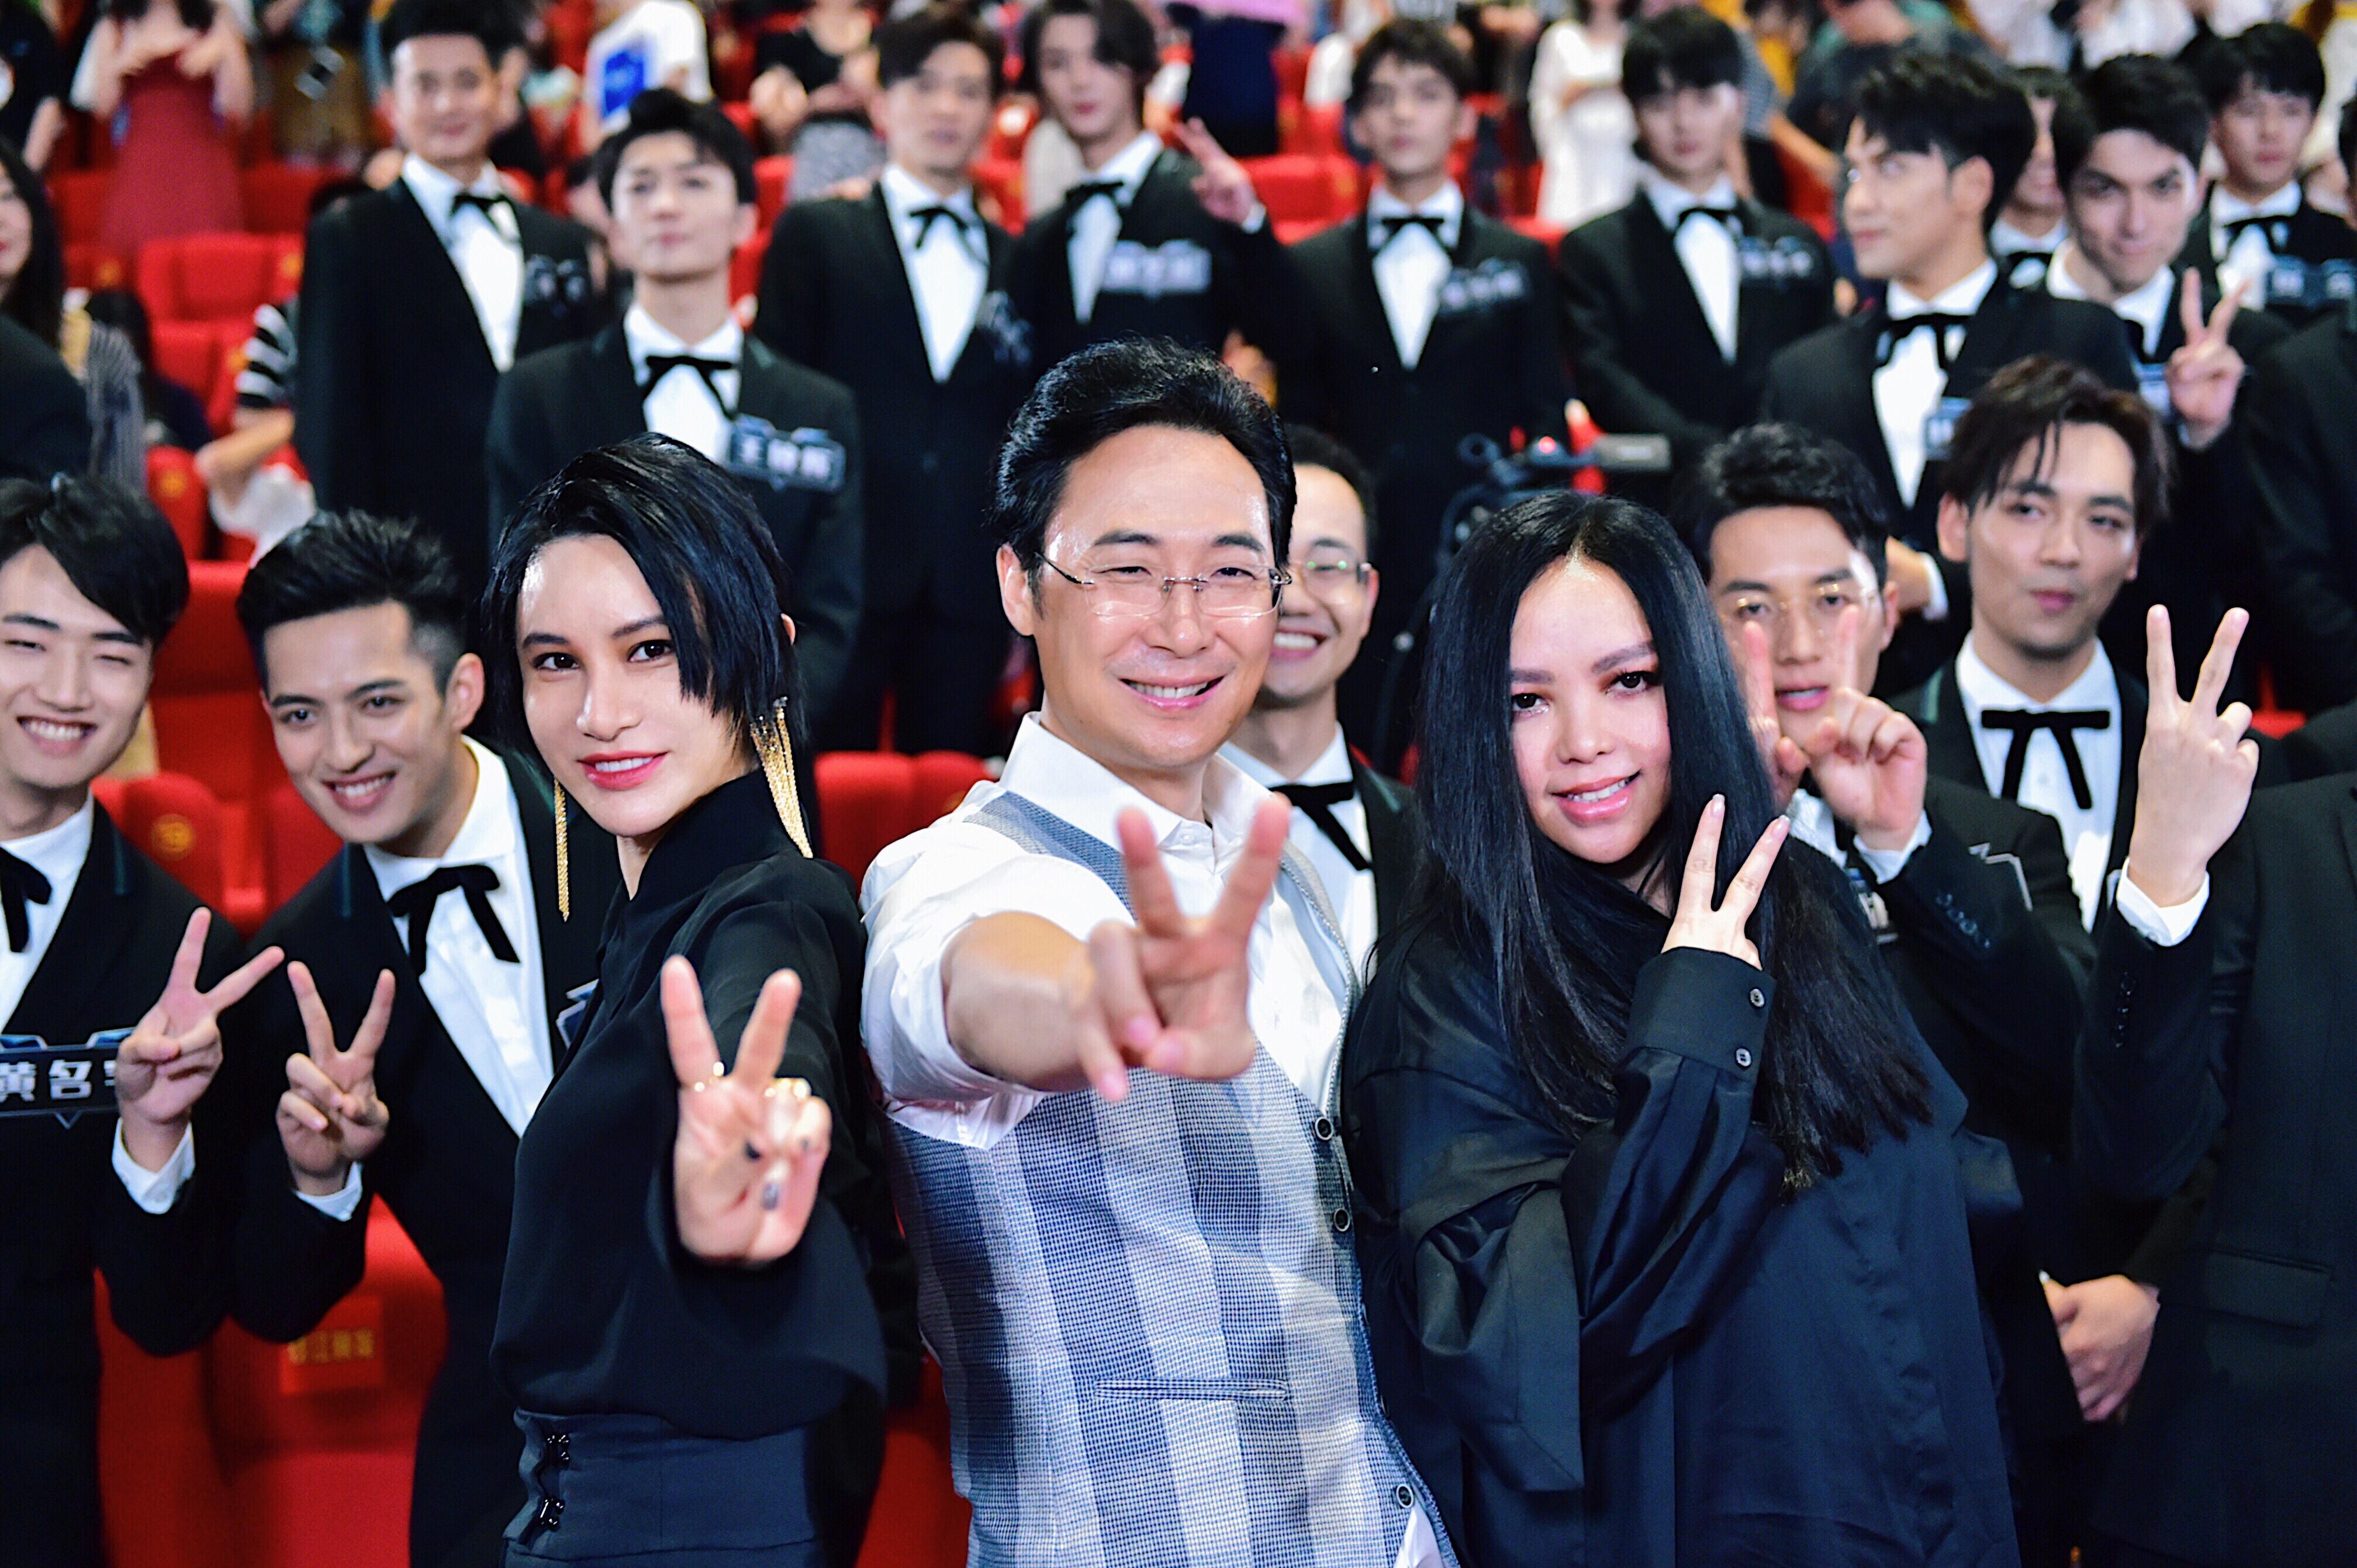 """张惠妹加盟《声入人心2》 被尚雯婕爆料私下是""""萌妹子"""""""